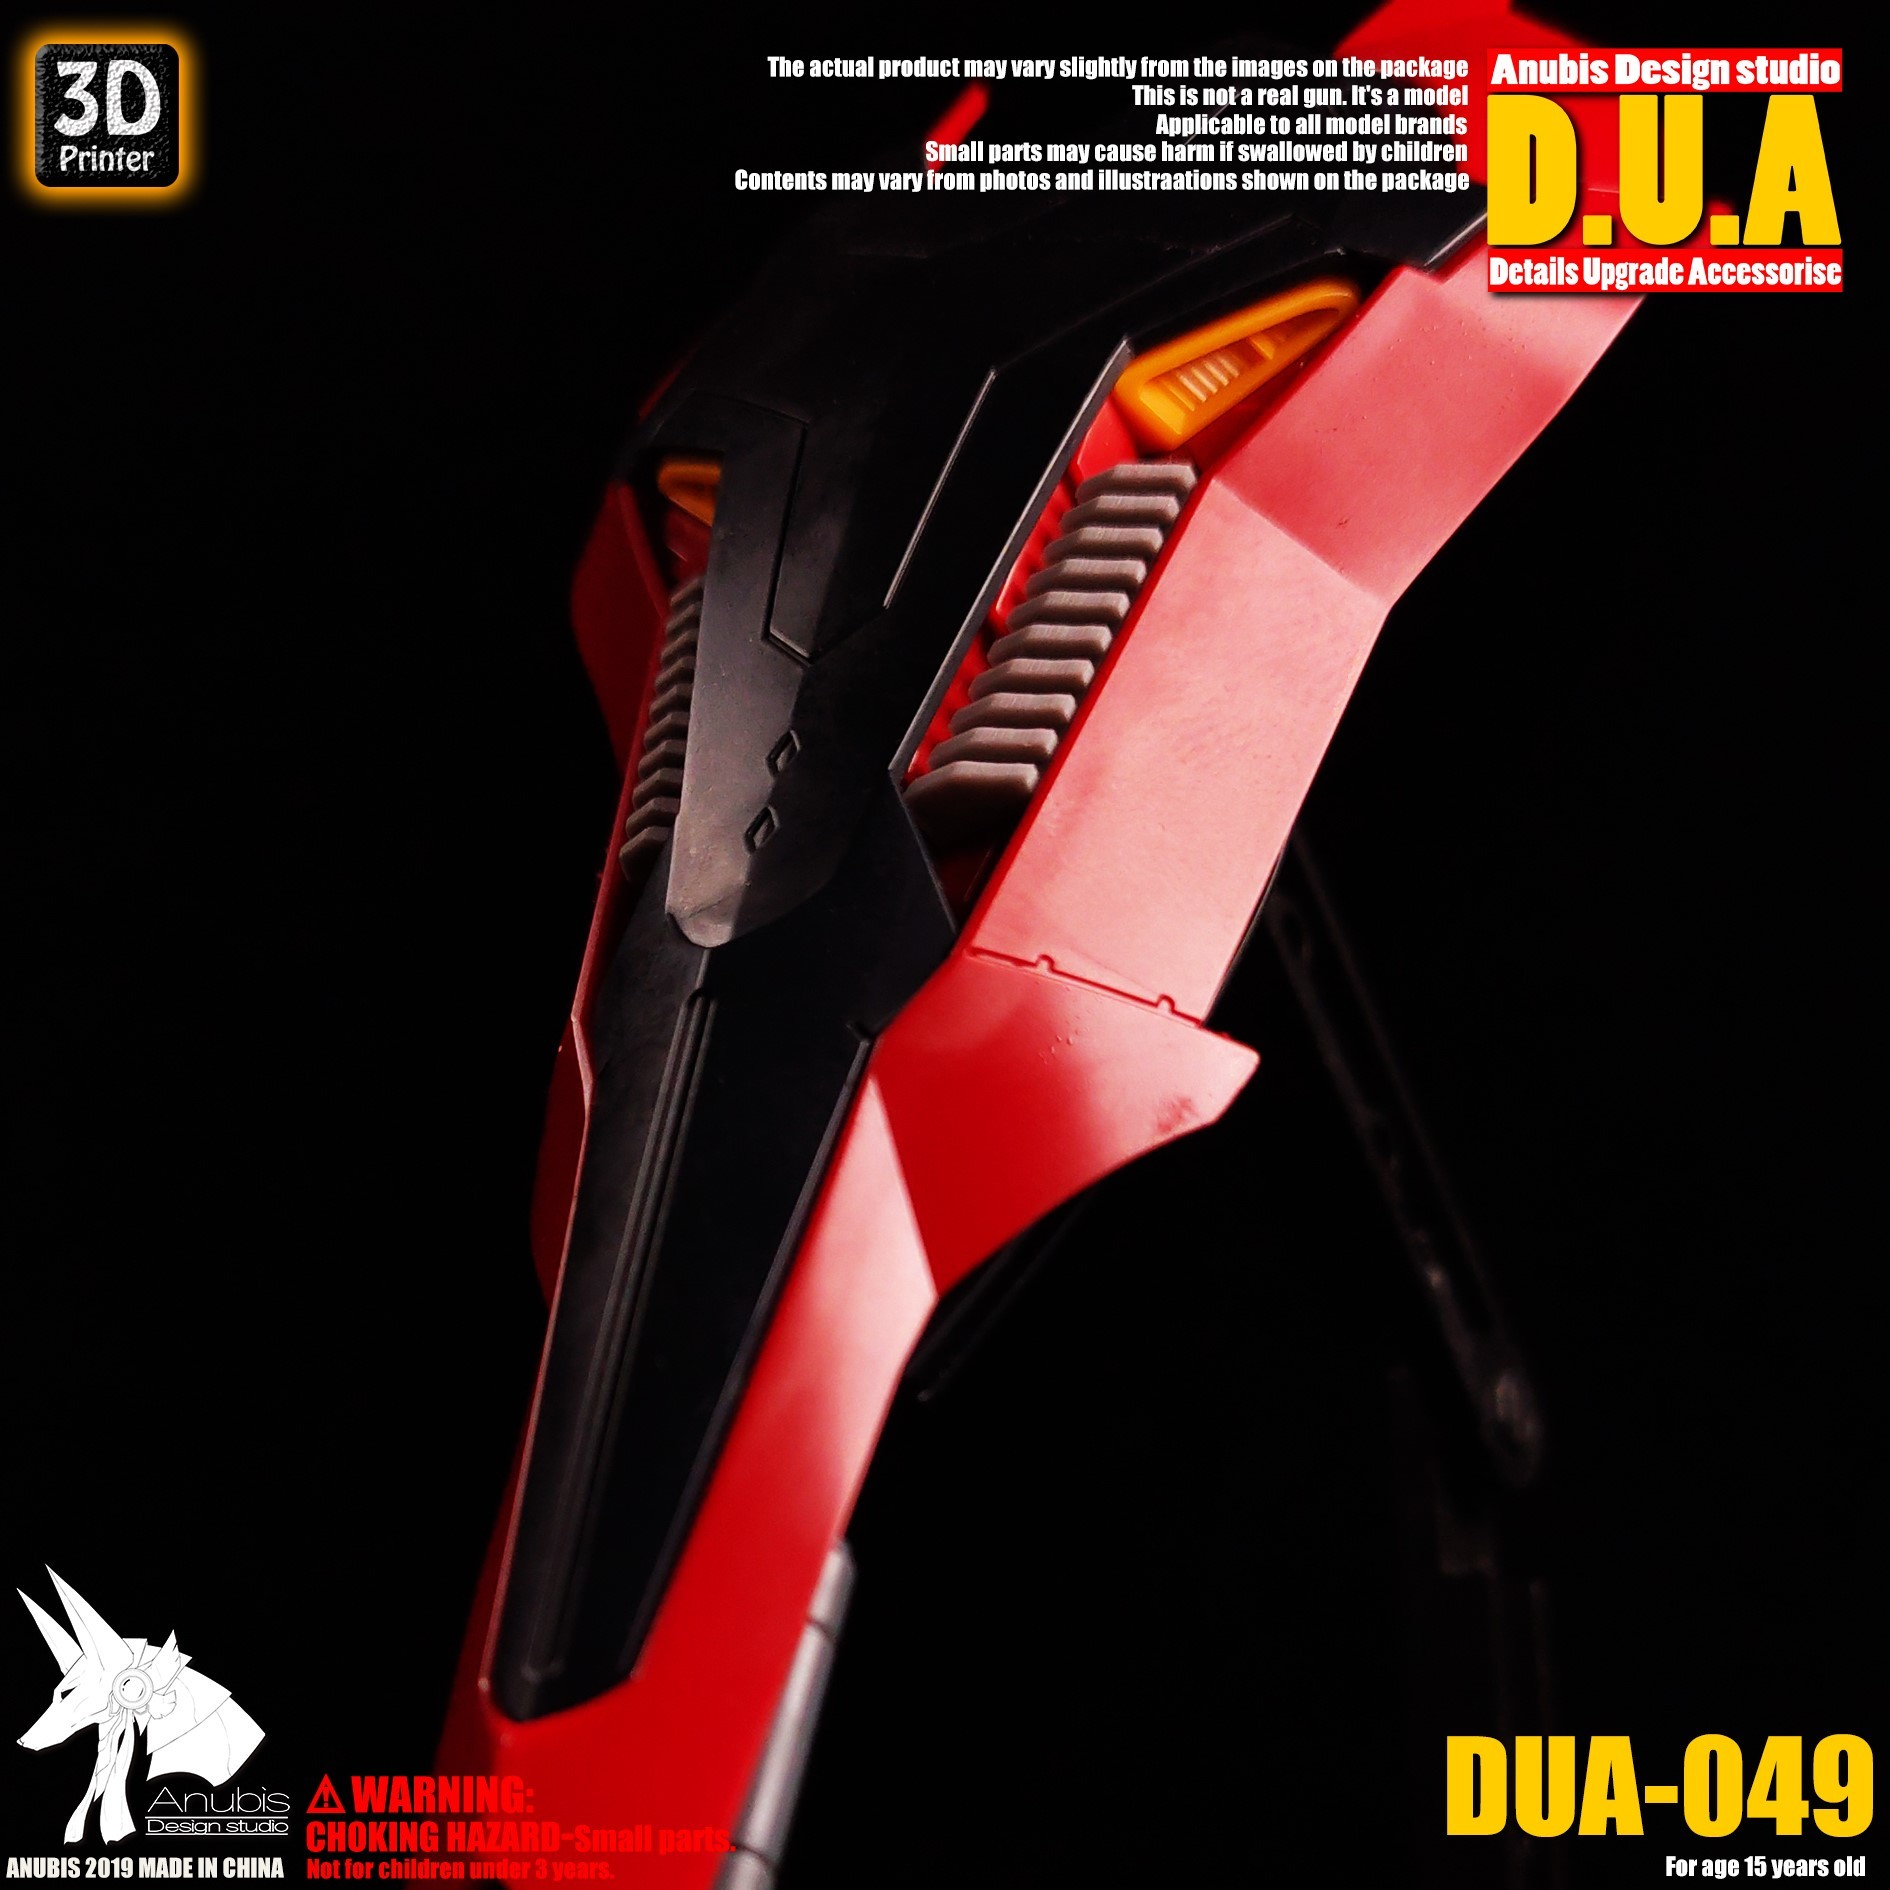 DUA049_004.jpg